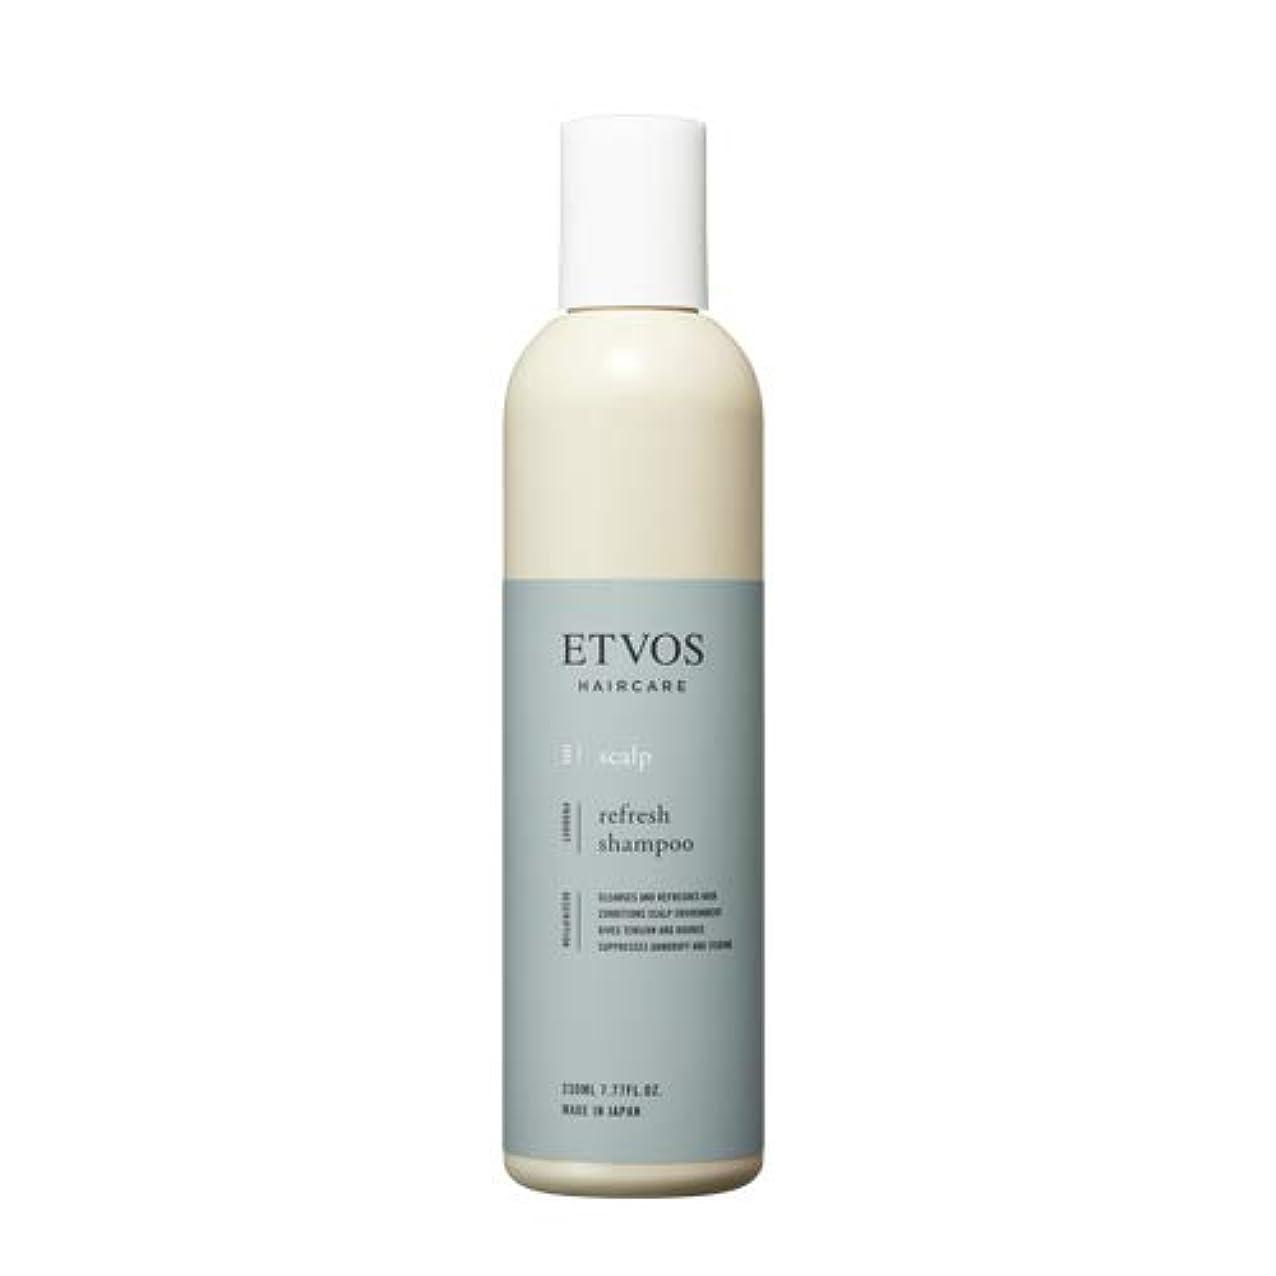 ファントム教えて無一文ETVOS(エトヴォス) リフレッシュシャンプー 230ml さっぱり ノンシリコン アミノ酸系 頭皮の臭い/ベタつき